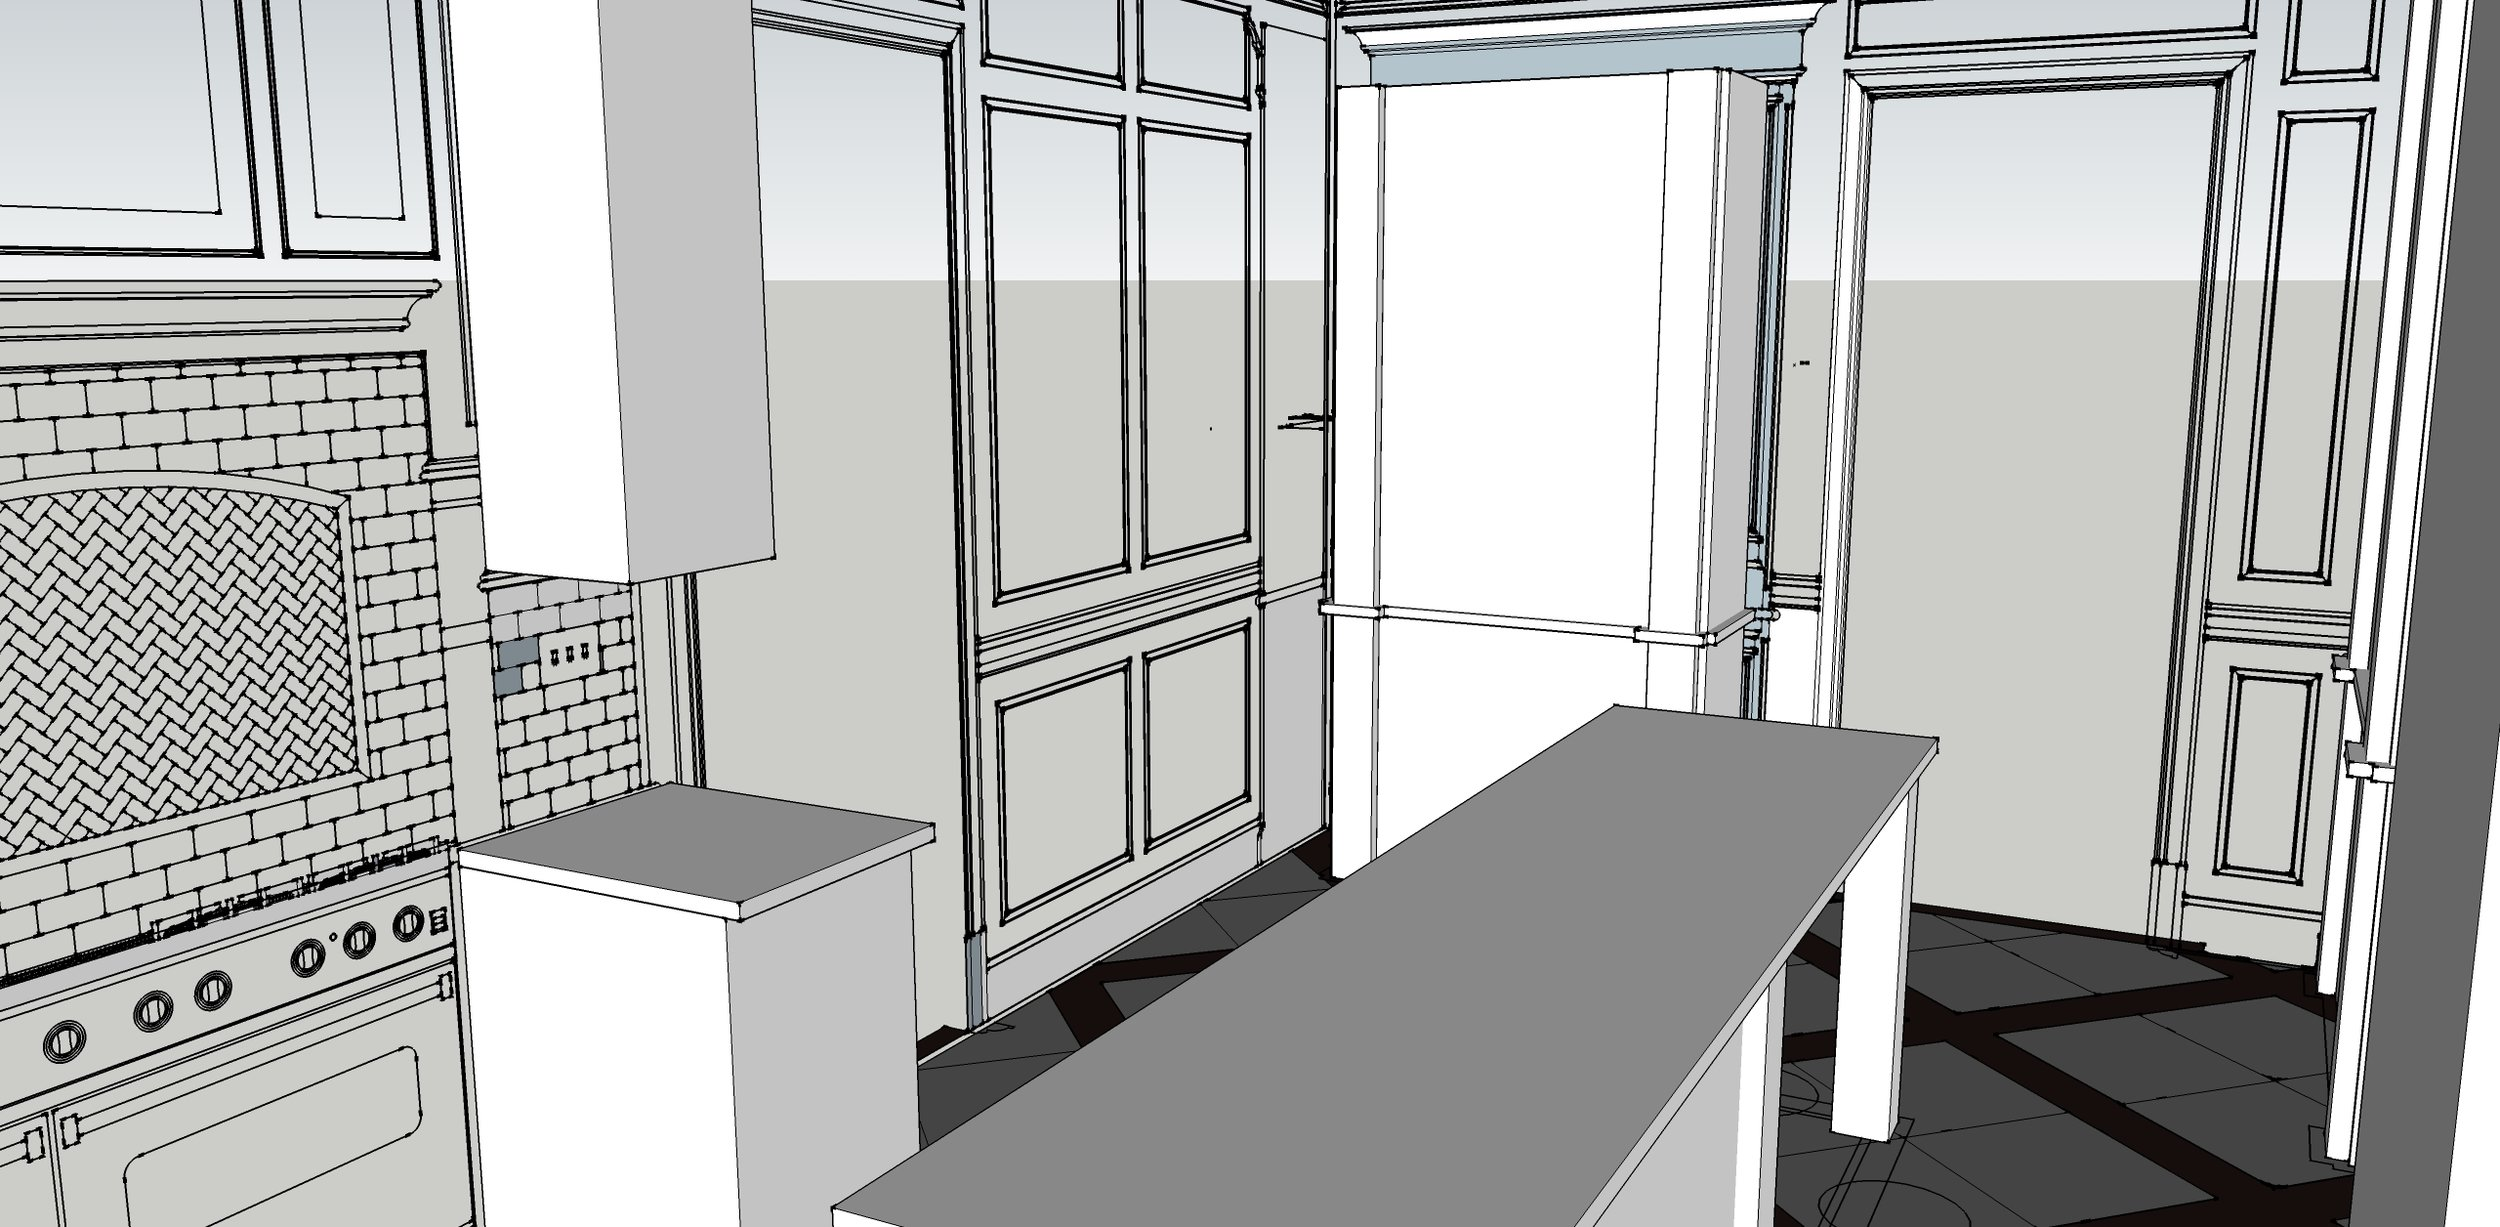 Davis_Kitchen_Perspective2.jpg